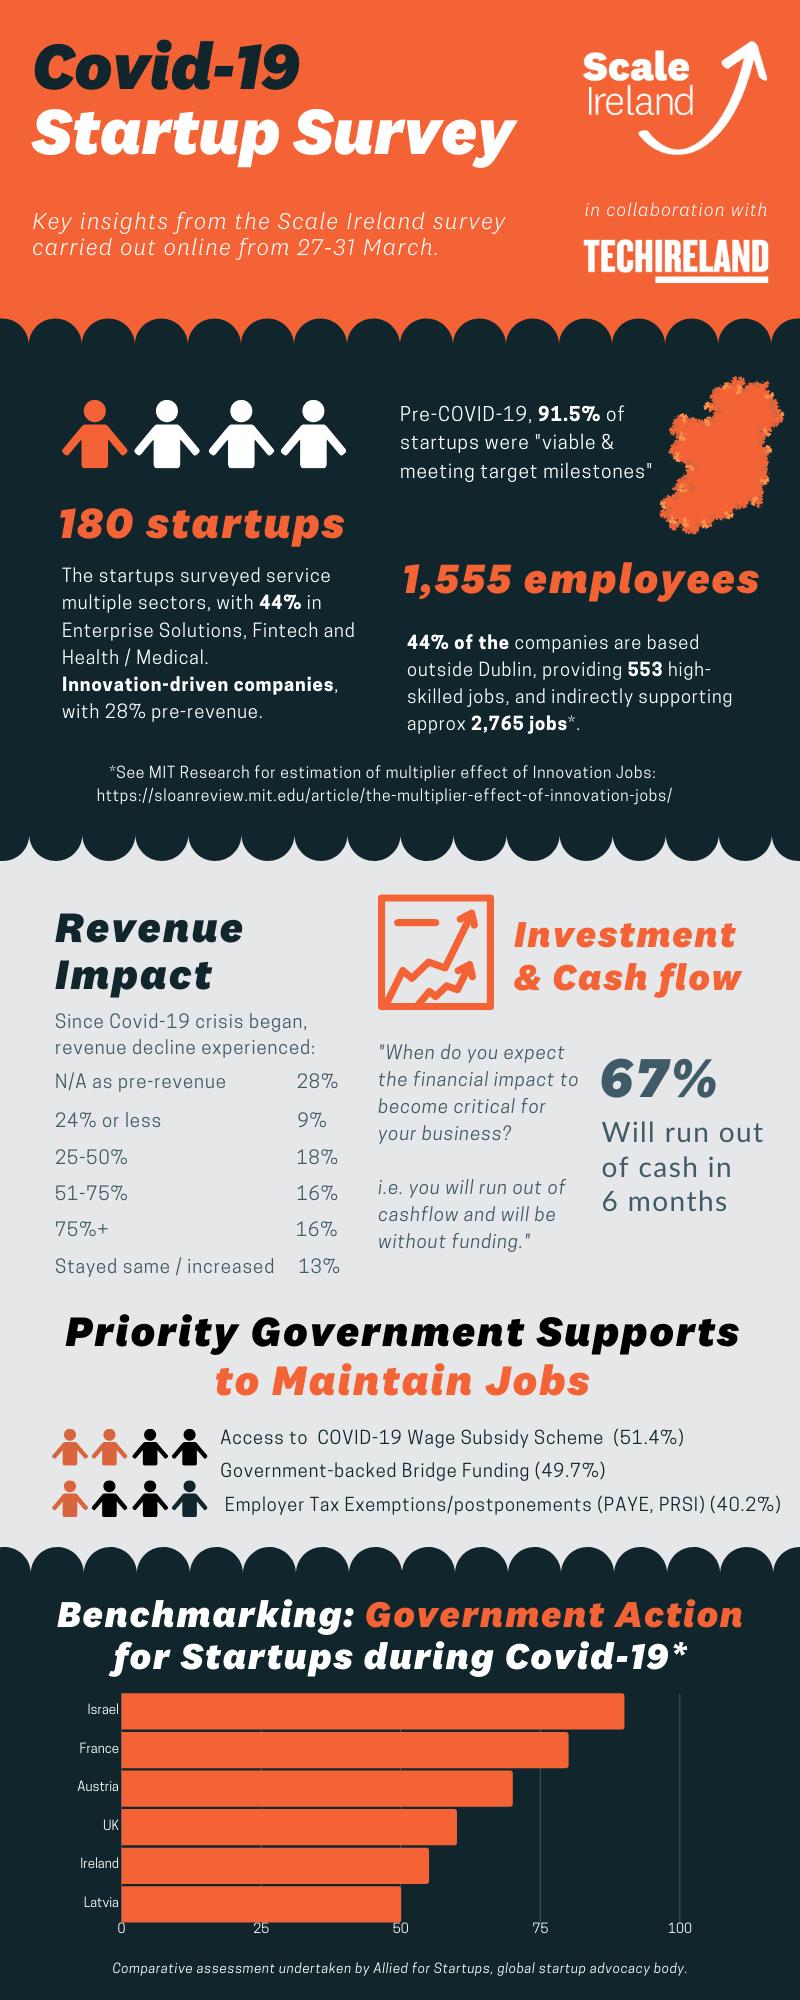 Copie de Covid-19 Startup Survey Infographic.png